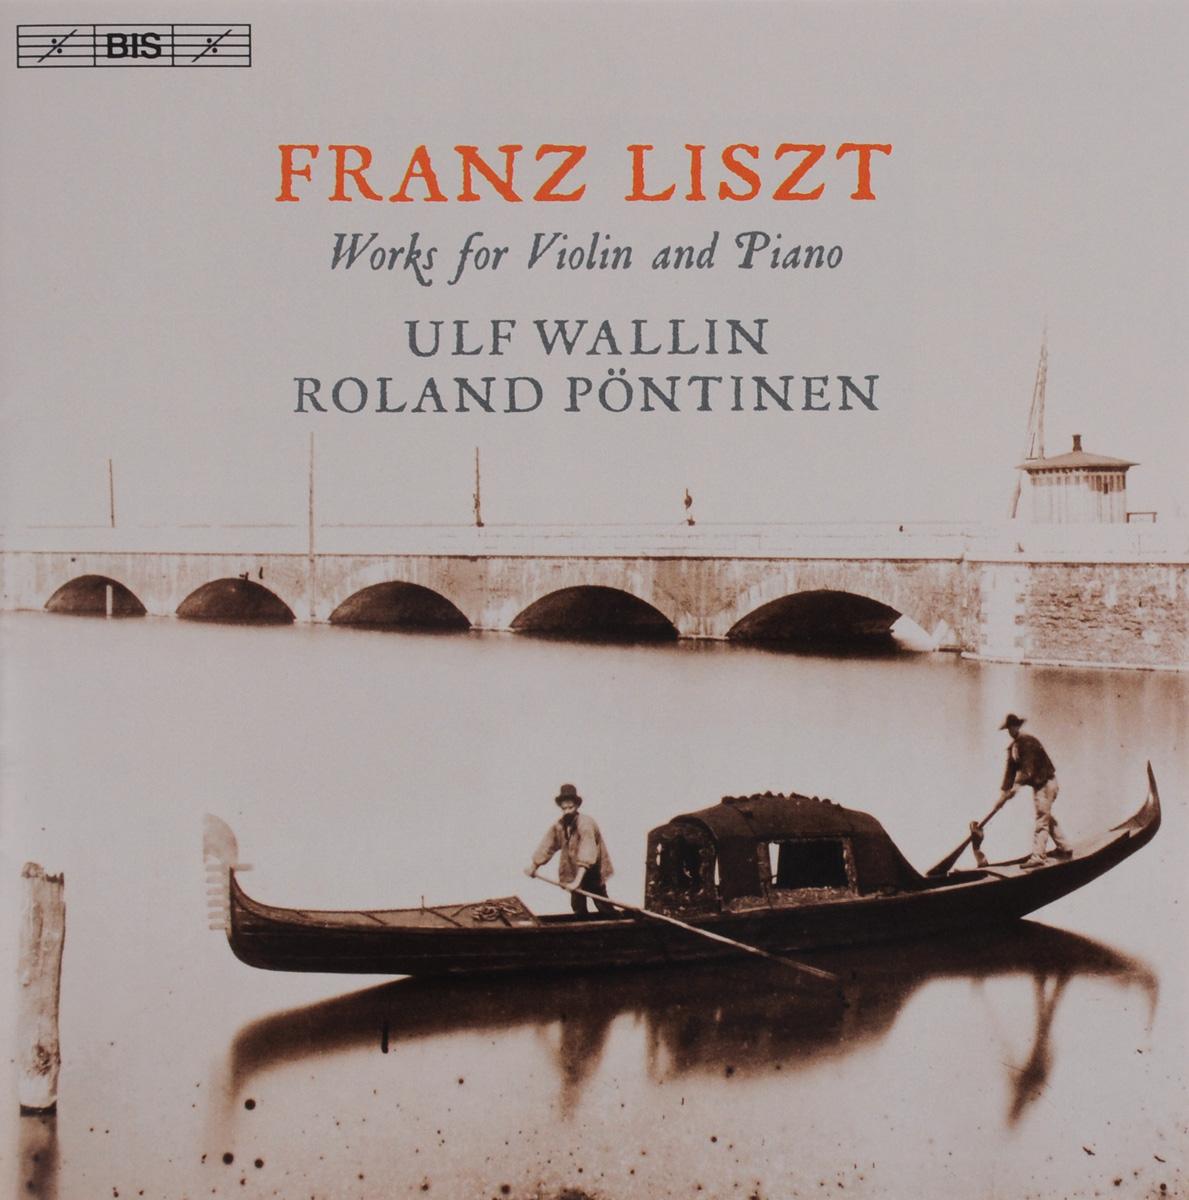 Воллин Ульф,Роланд Понтинен Ulf Wallin. Roland Pontinen. Franz Liszt. Works For Violin And Piano (SACD) штефан блунир lizst tasso totentanz piano music sacd